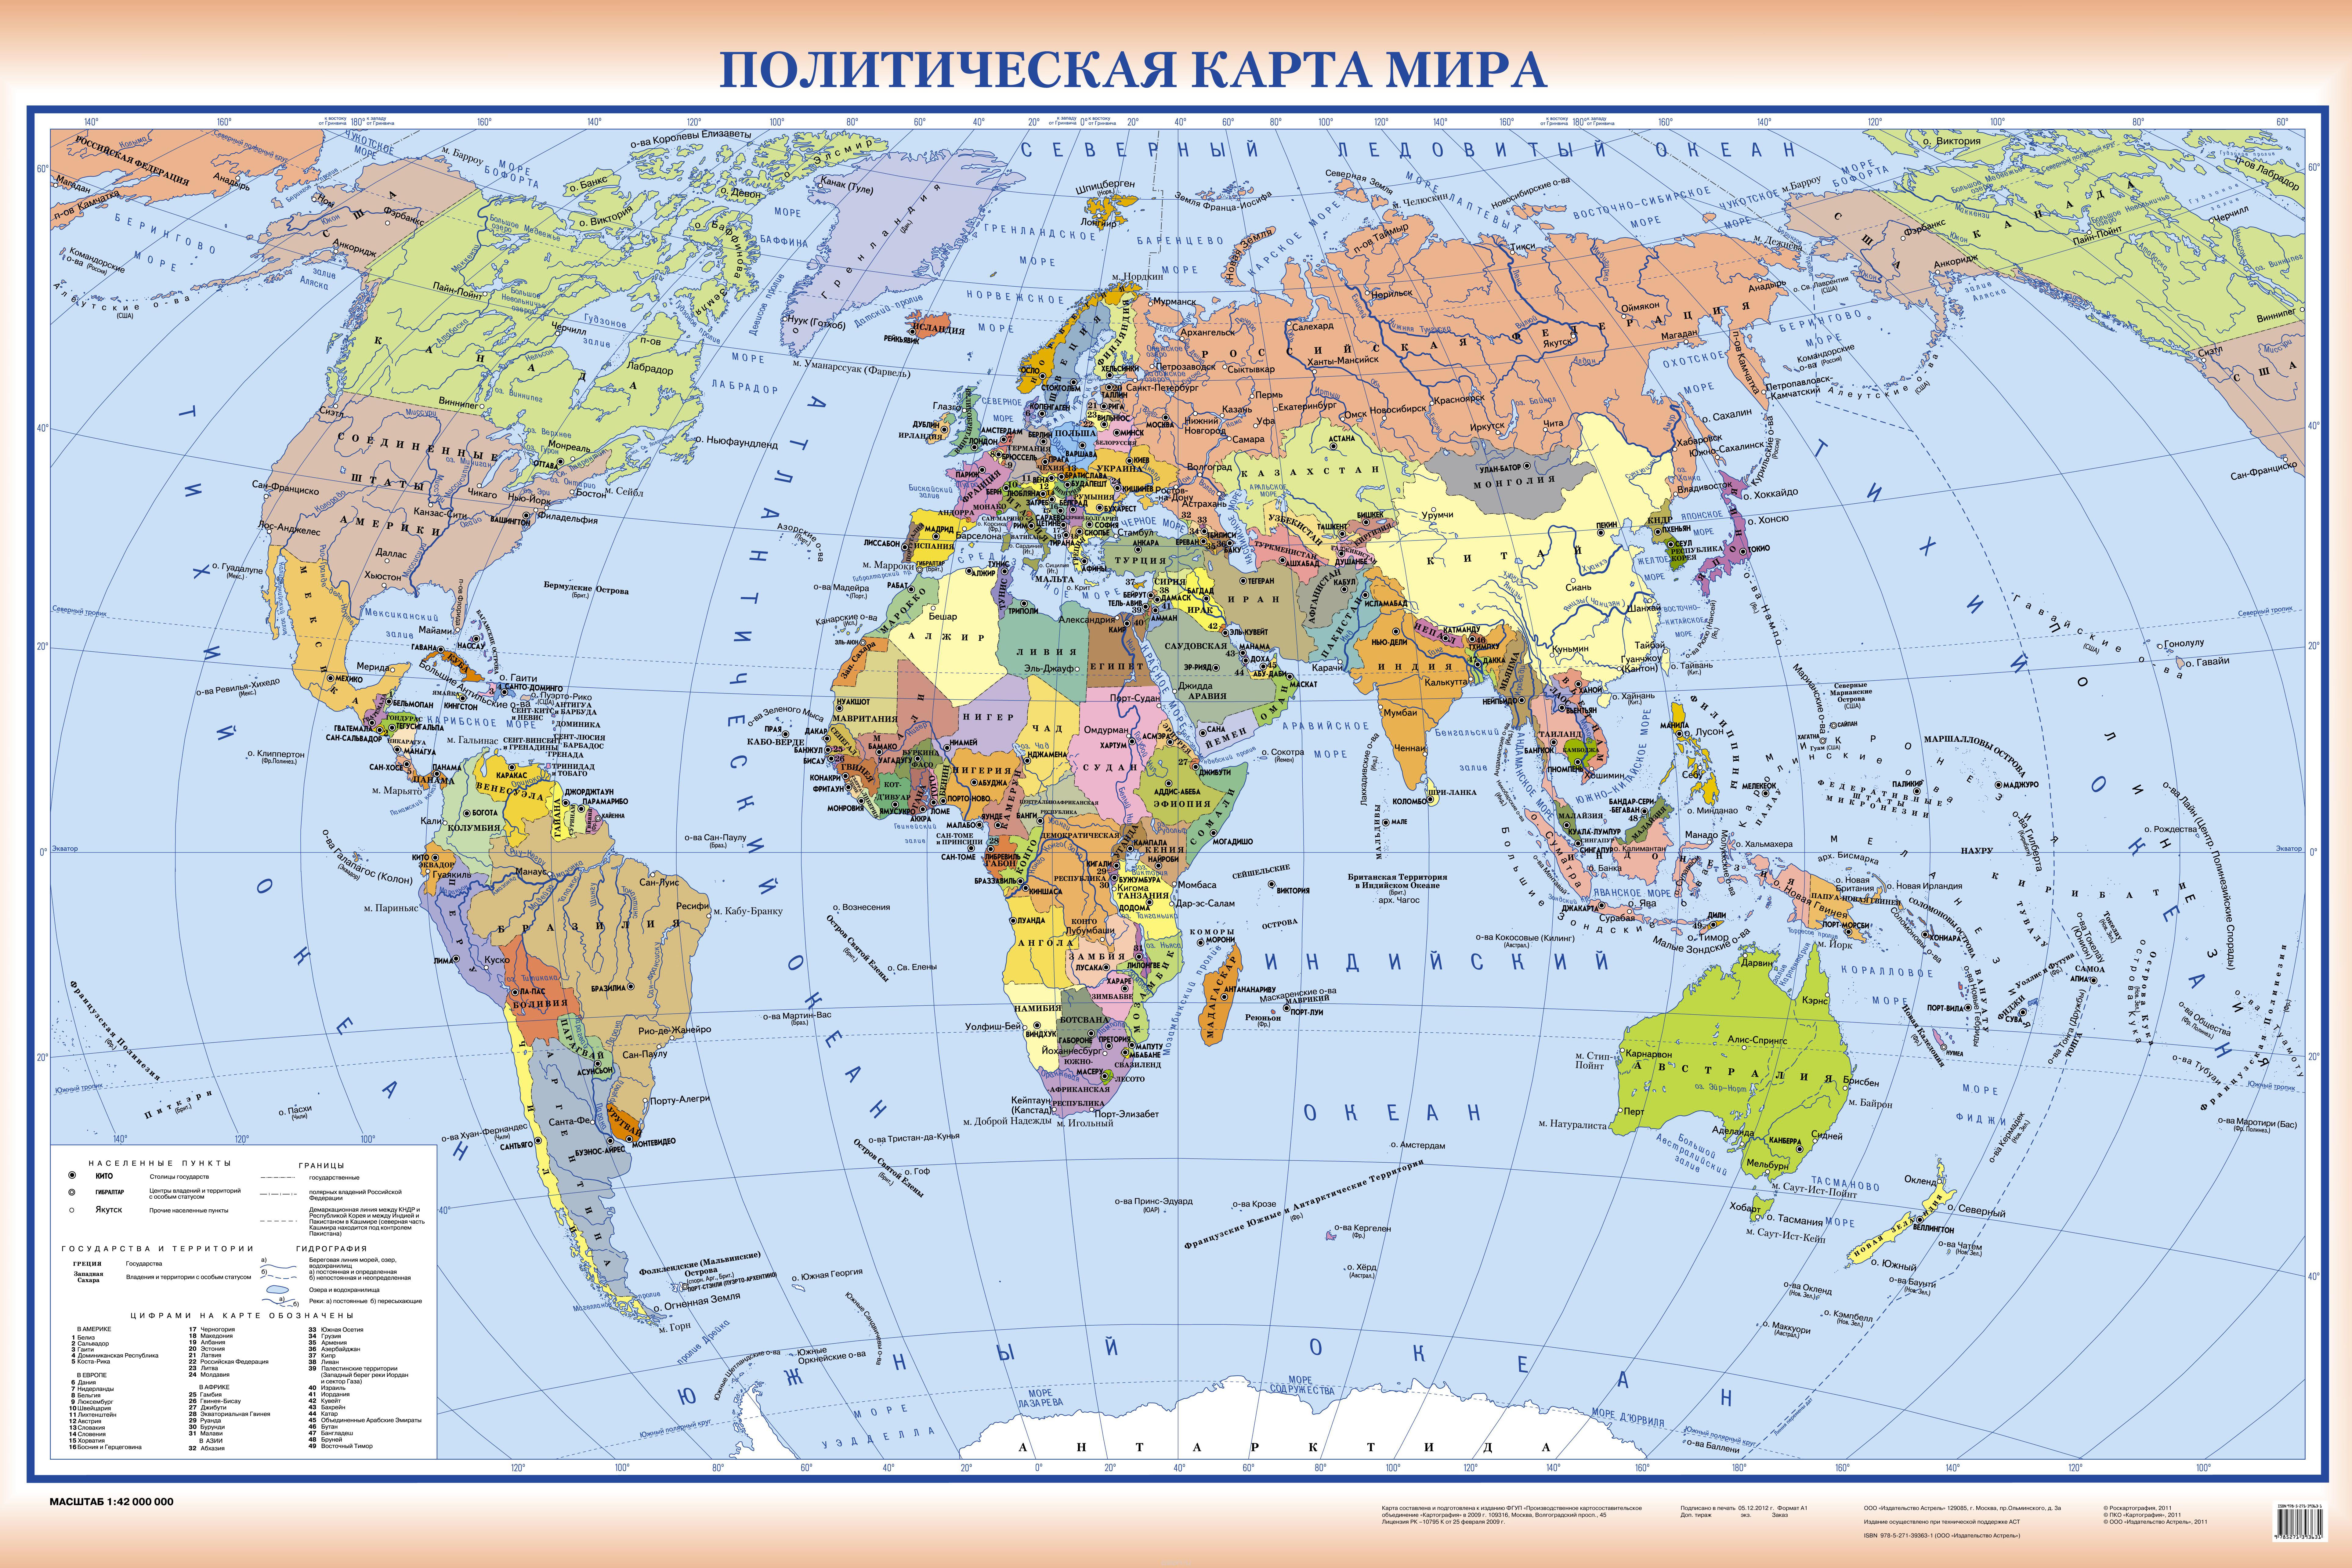 Bolshaya Podrobnaya Politicheskaya Karta Mira Na Russkom Yazyke